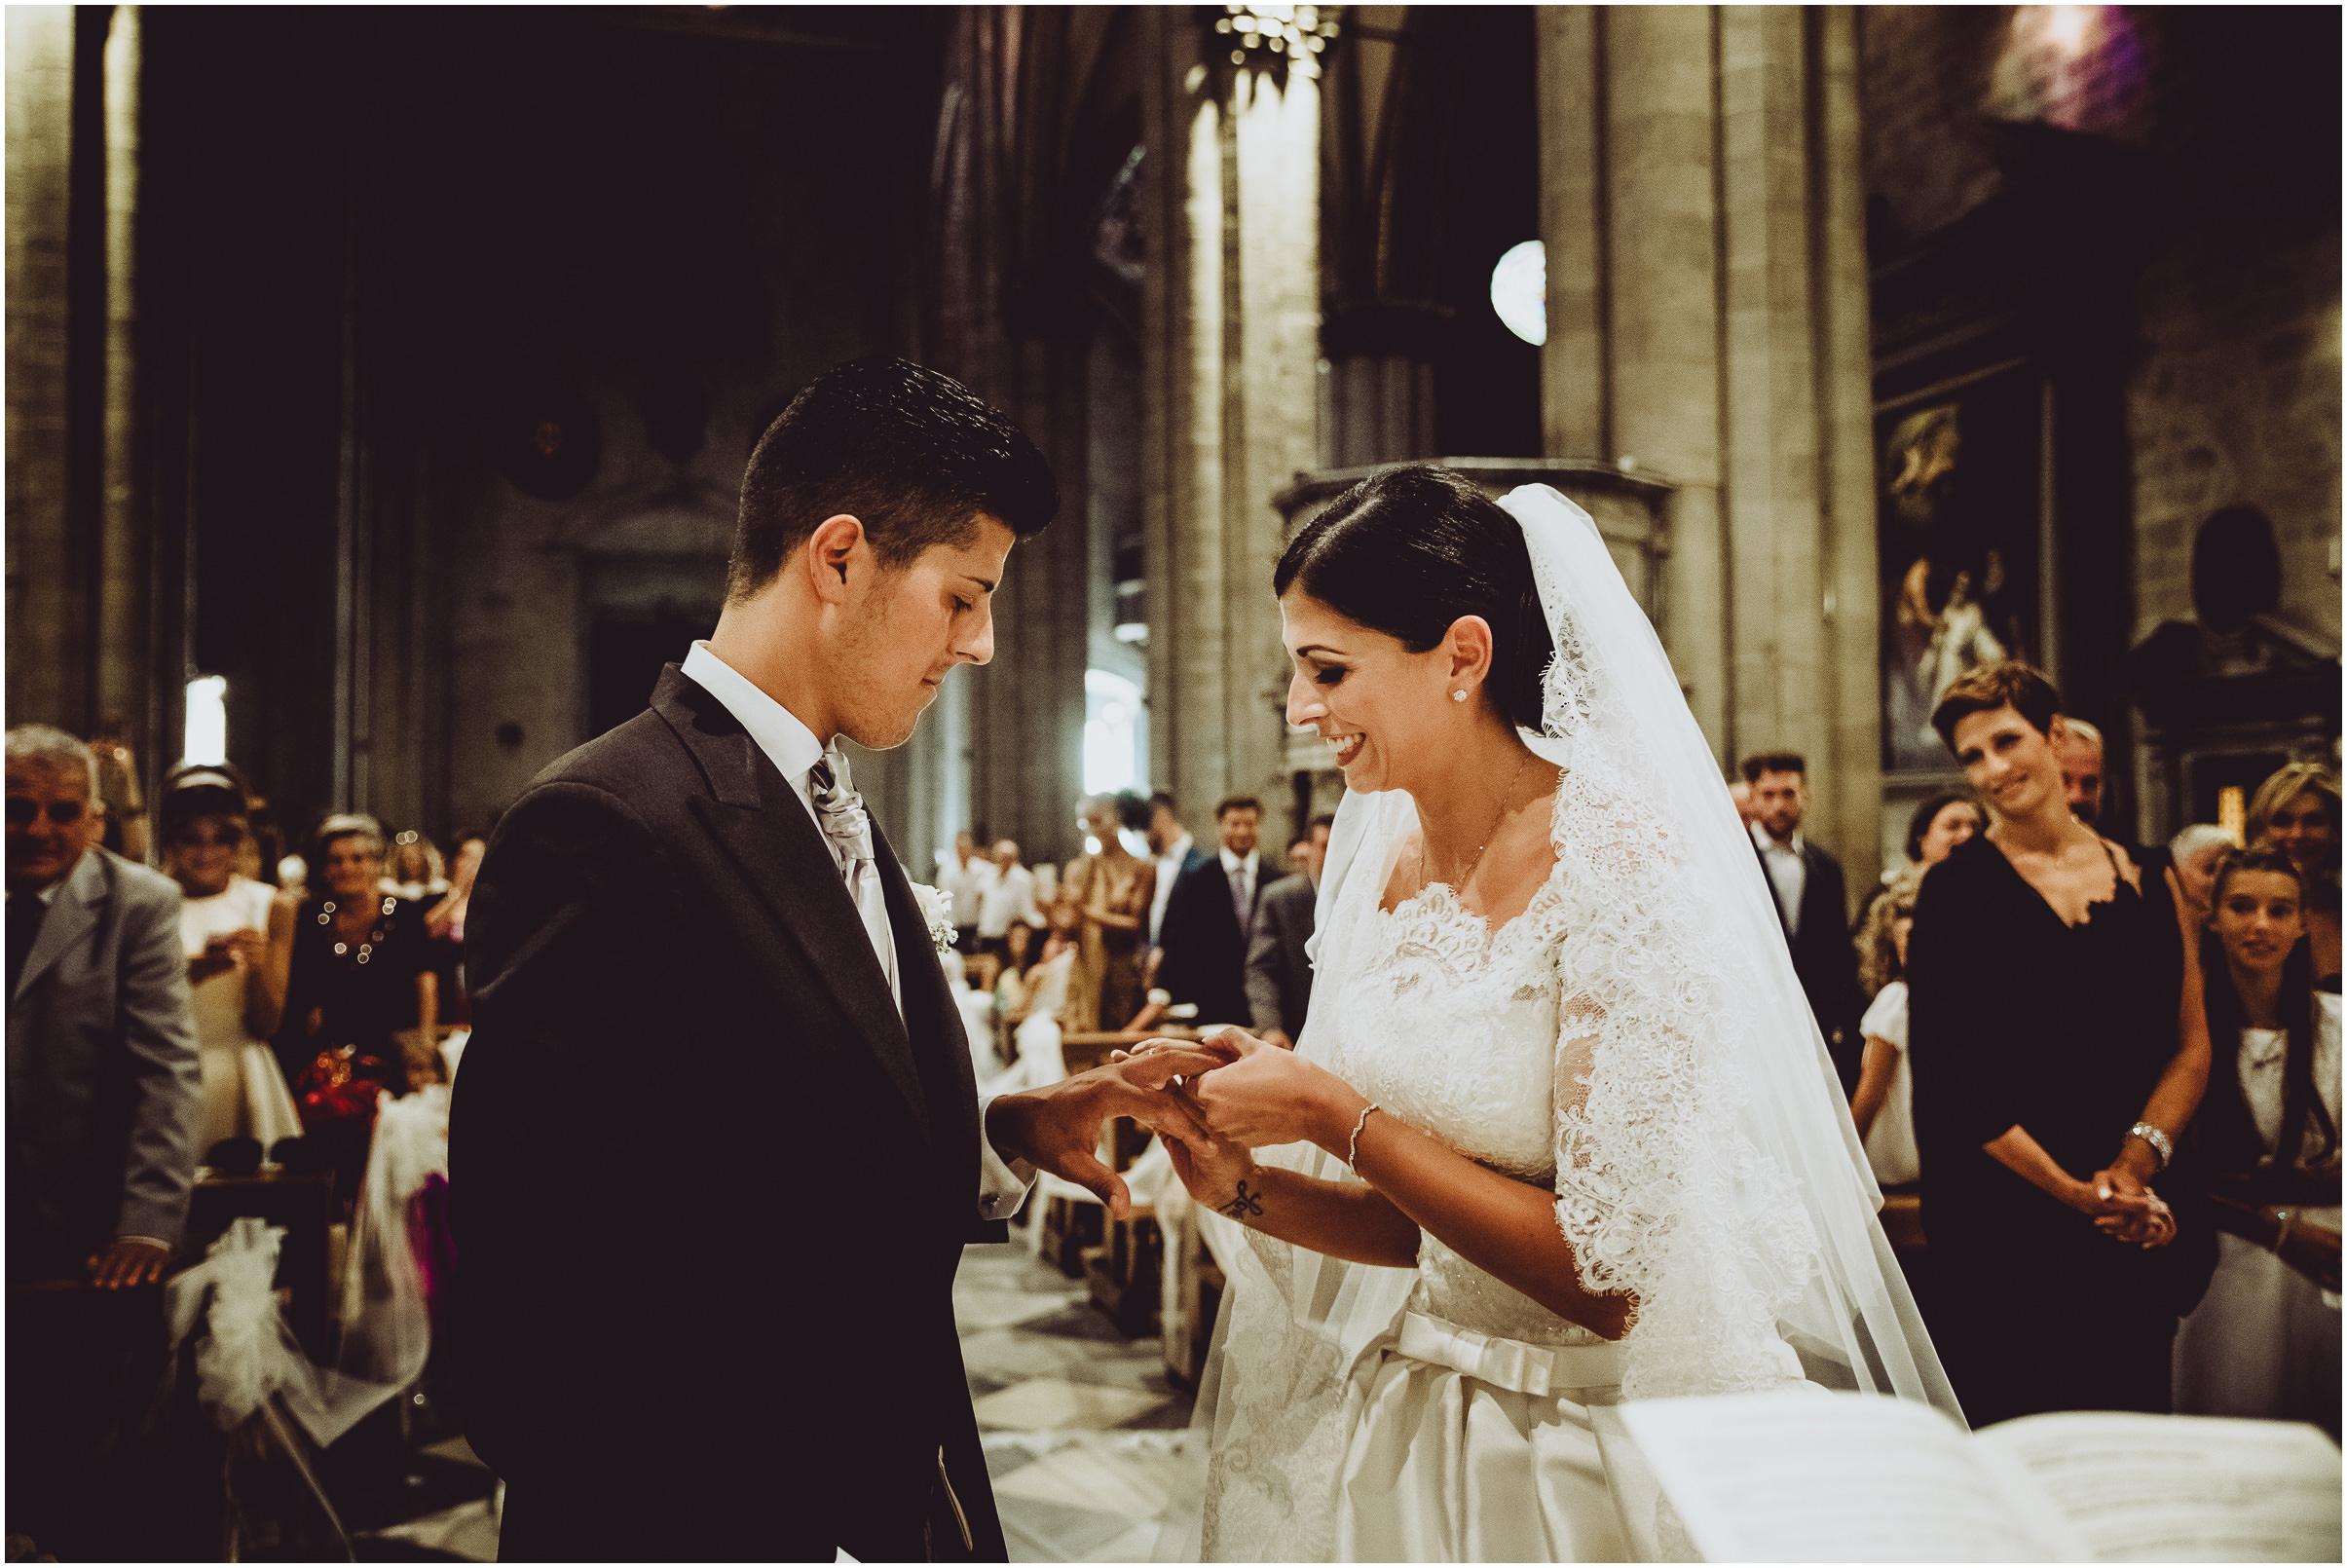 WEDDING-PHOTOGRAPHY-SARA-LORENZONI-FOTOGRAFIA-MATRIMONIO-AREZZO-TUSCANY-EVENTO-LE-SPOSE-DI-GIANNI-ELISA-LUCA022